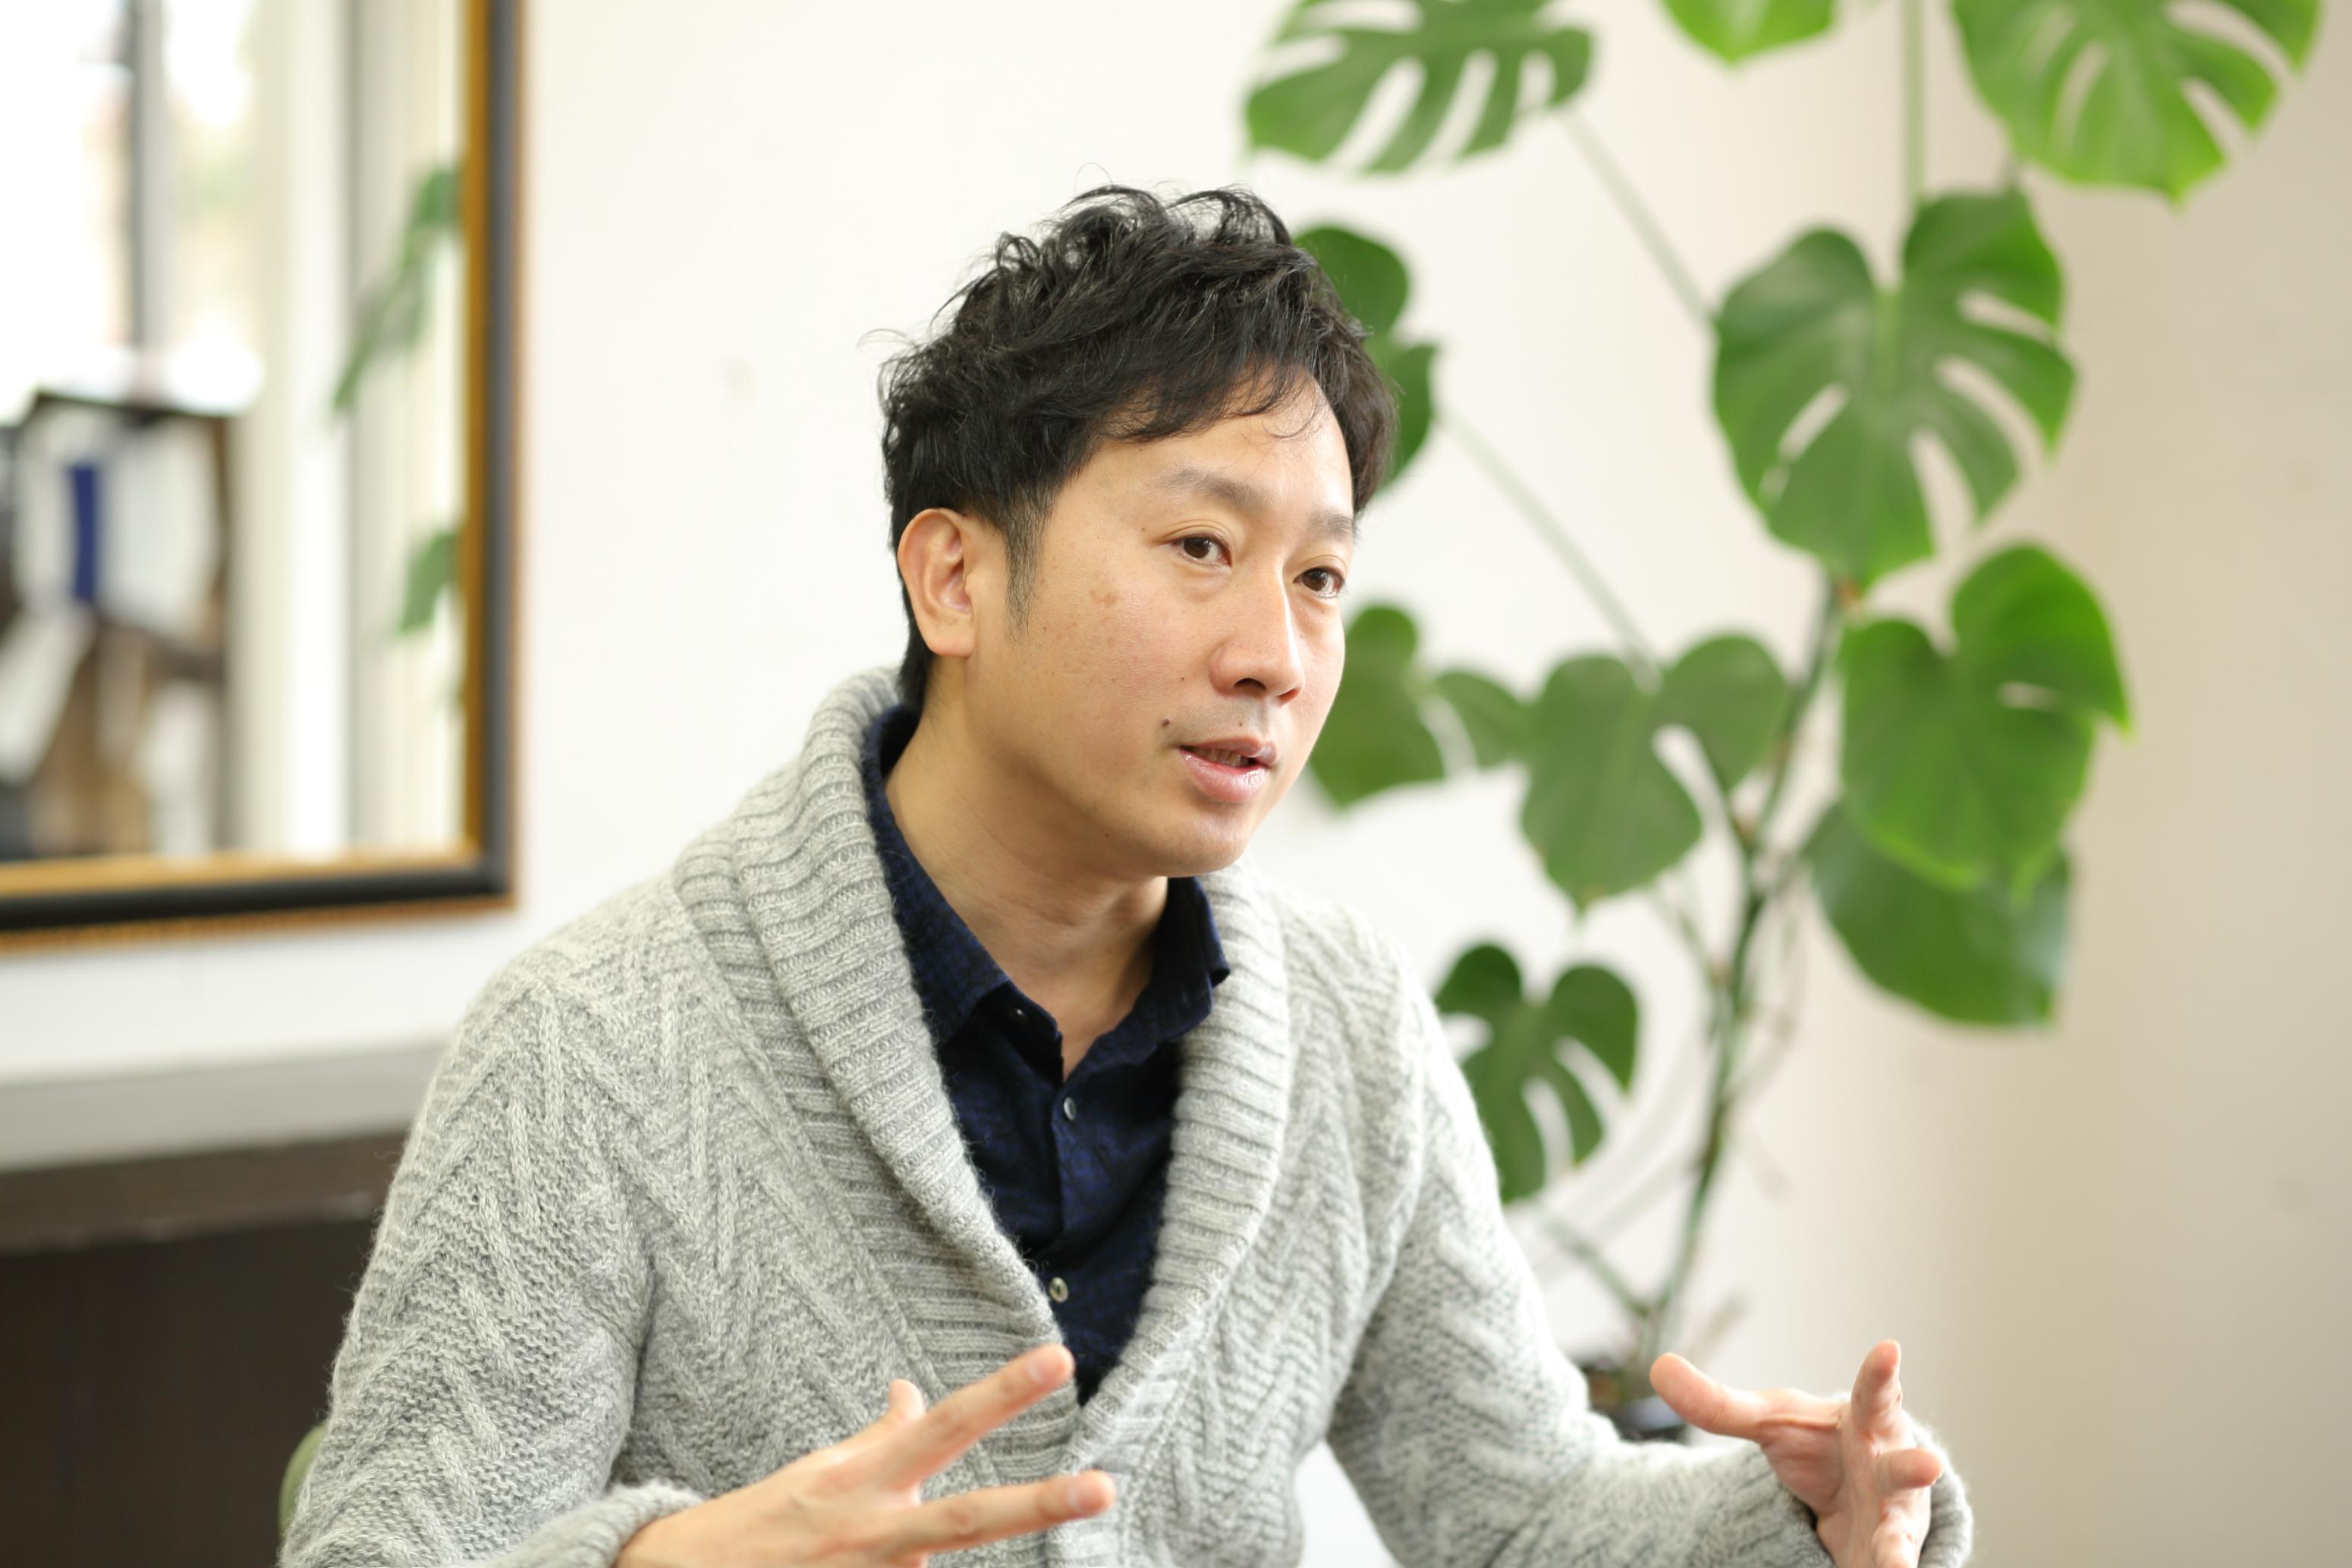 ママ美容師サロンは、今はグループに1店舗のみ。「もし希望するスタッフが増えてきたら、お客さまのニーズを見ながら増設を考えるかもしれません」と野村さん